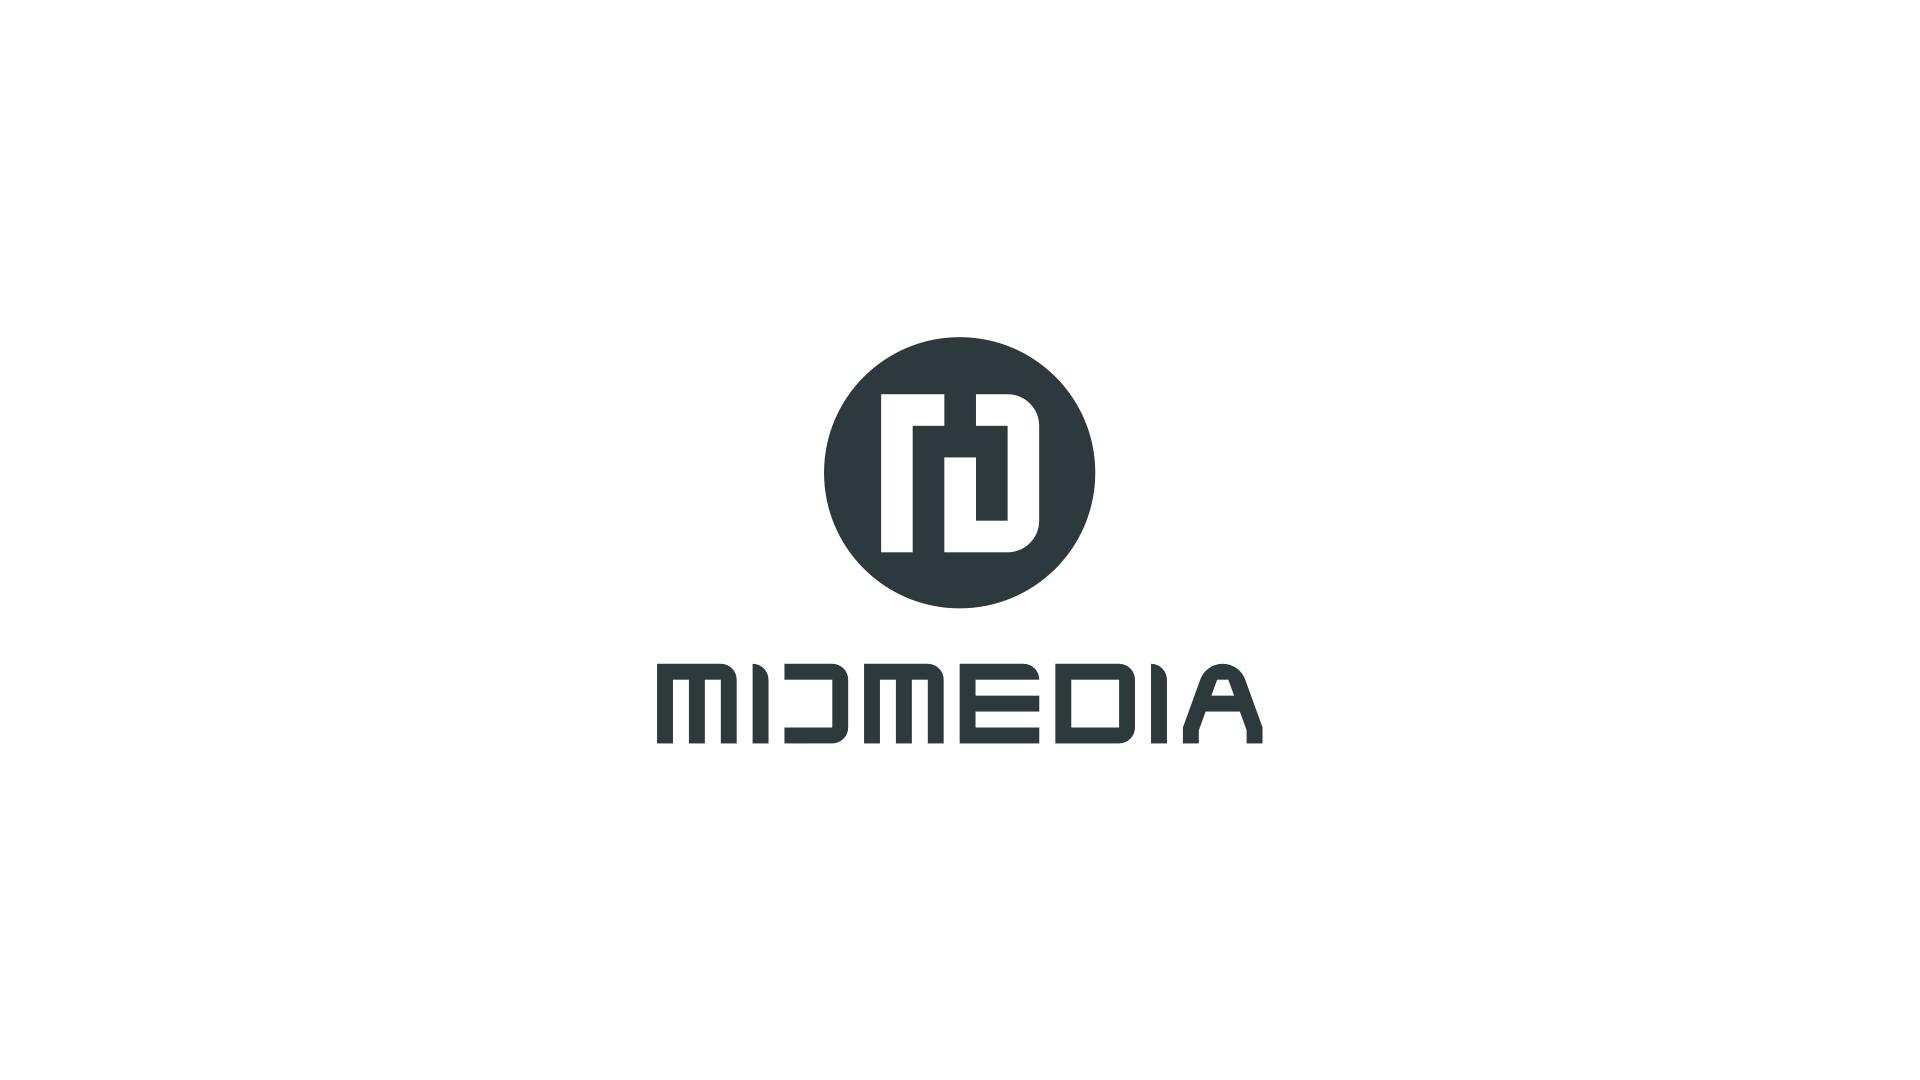 micmedia_video_12